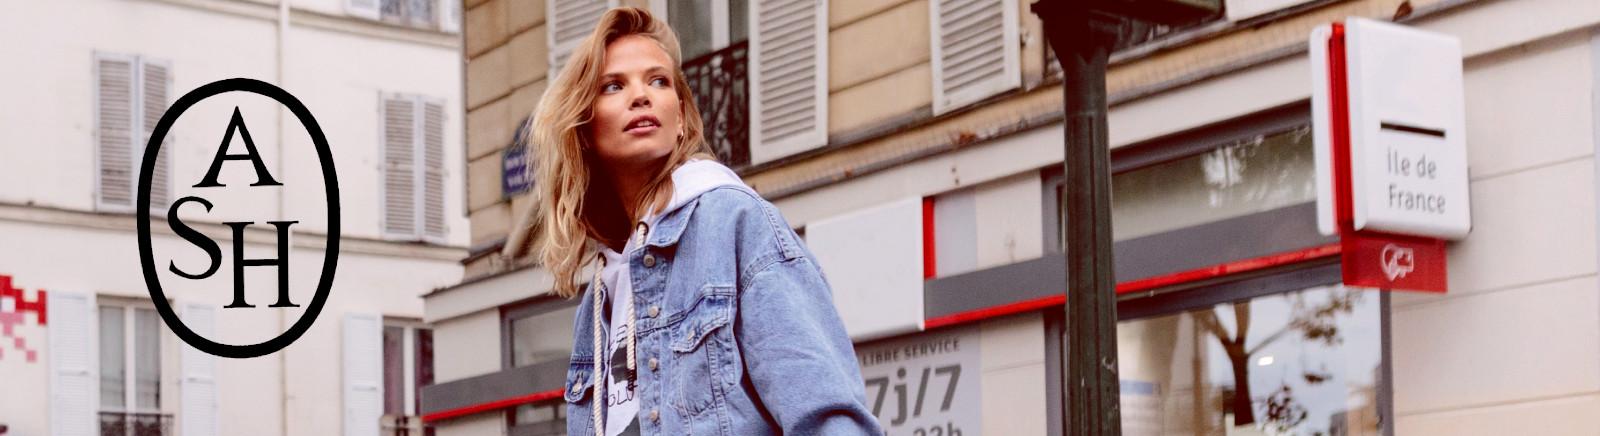 Juppen: ASH Stiefeletten für Damen online shoppen